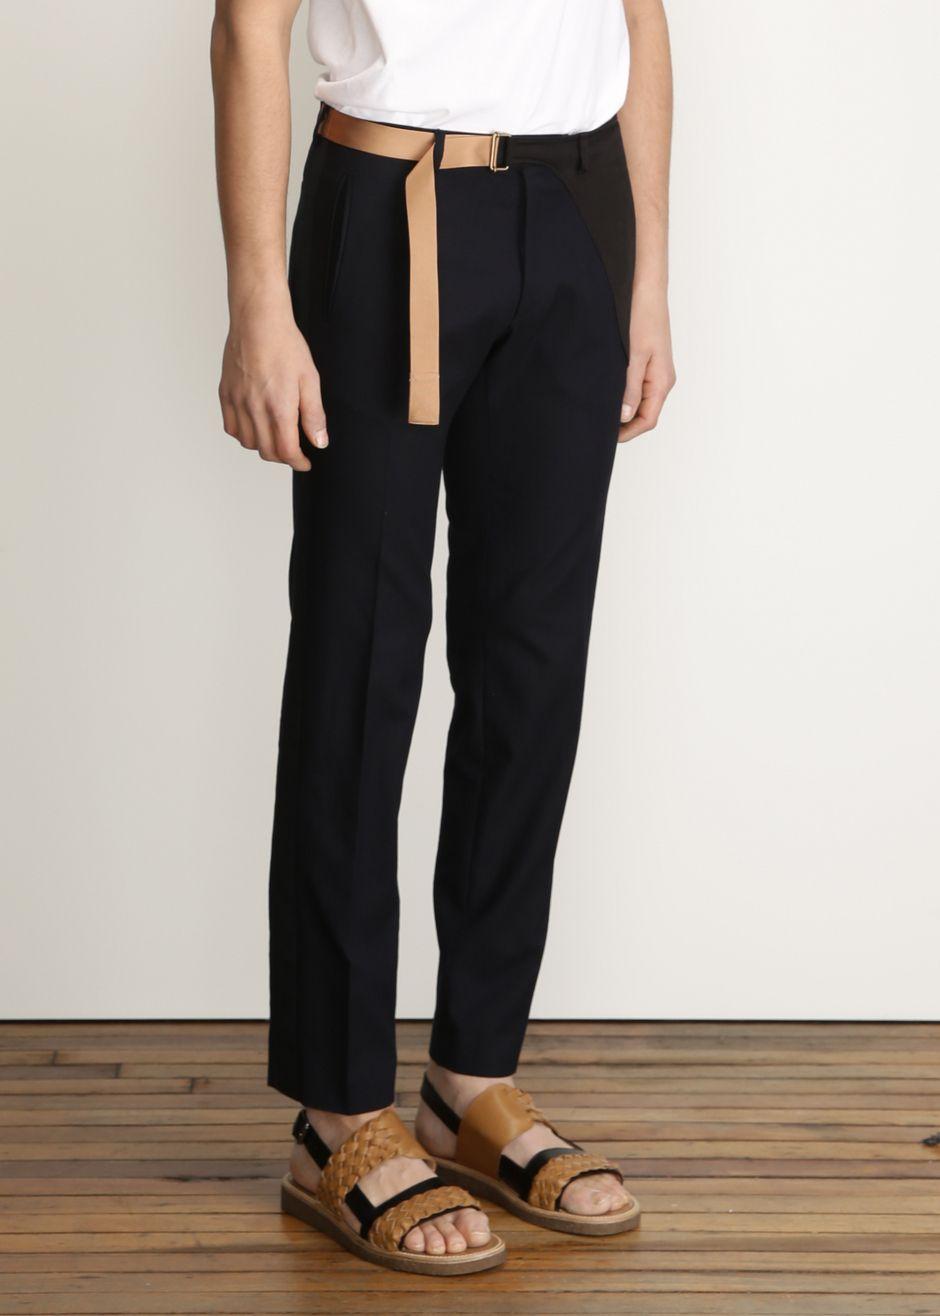 907d82c8 Dries Van Noten Pollack Pant (Navy) | P A N T S | Pants, Fashion, Design